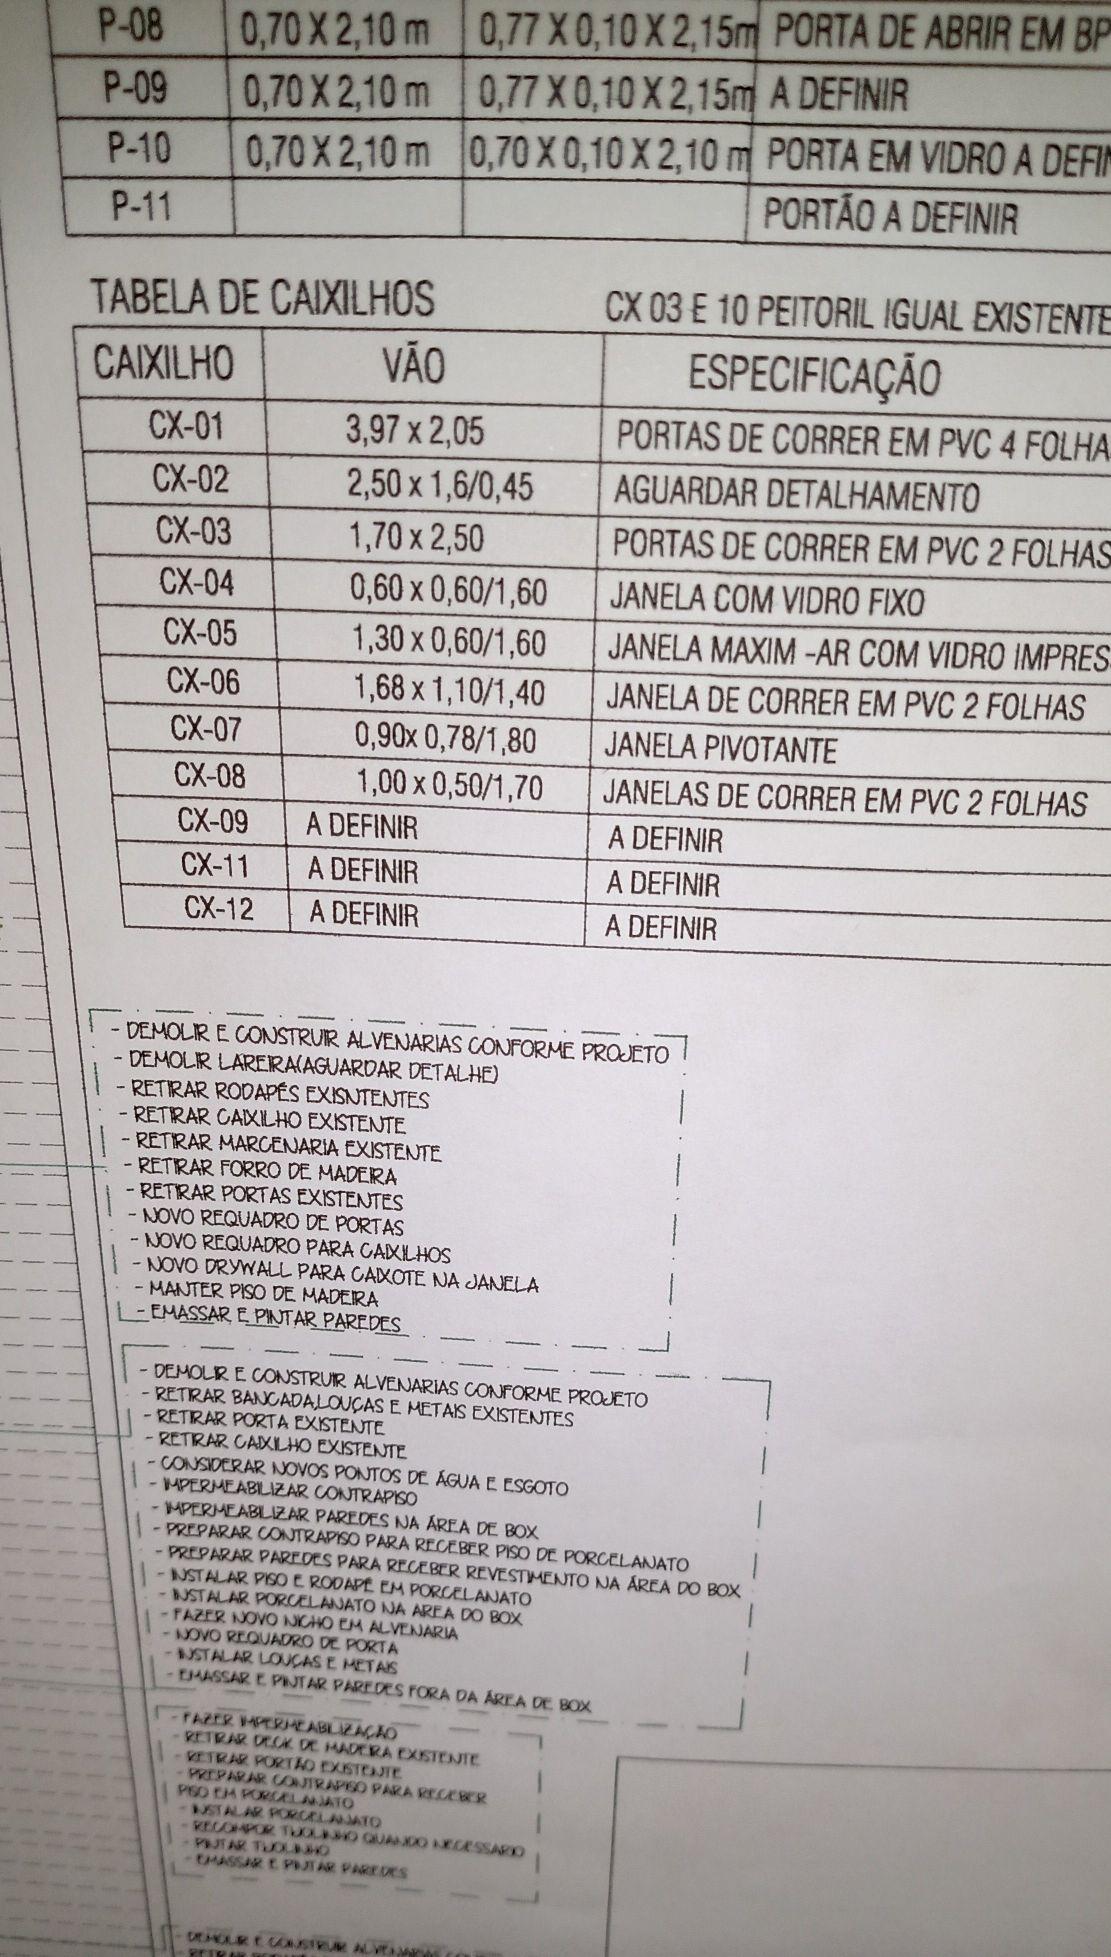 tabela de caixilhos em execução paulista